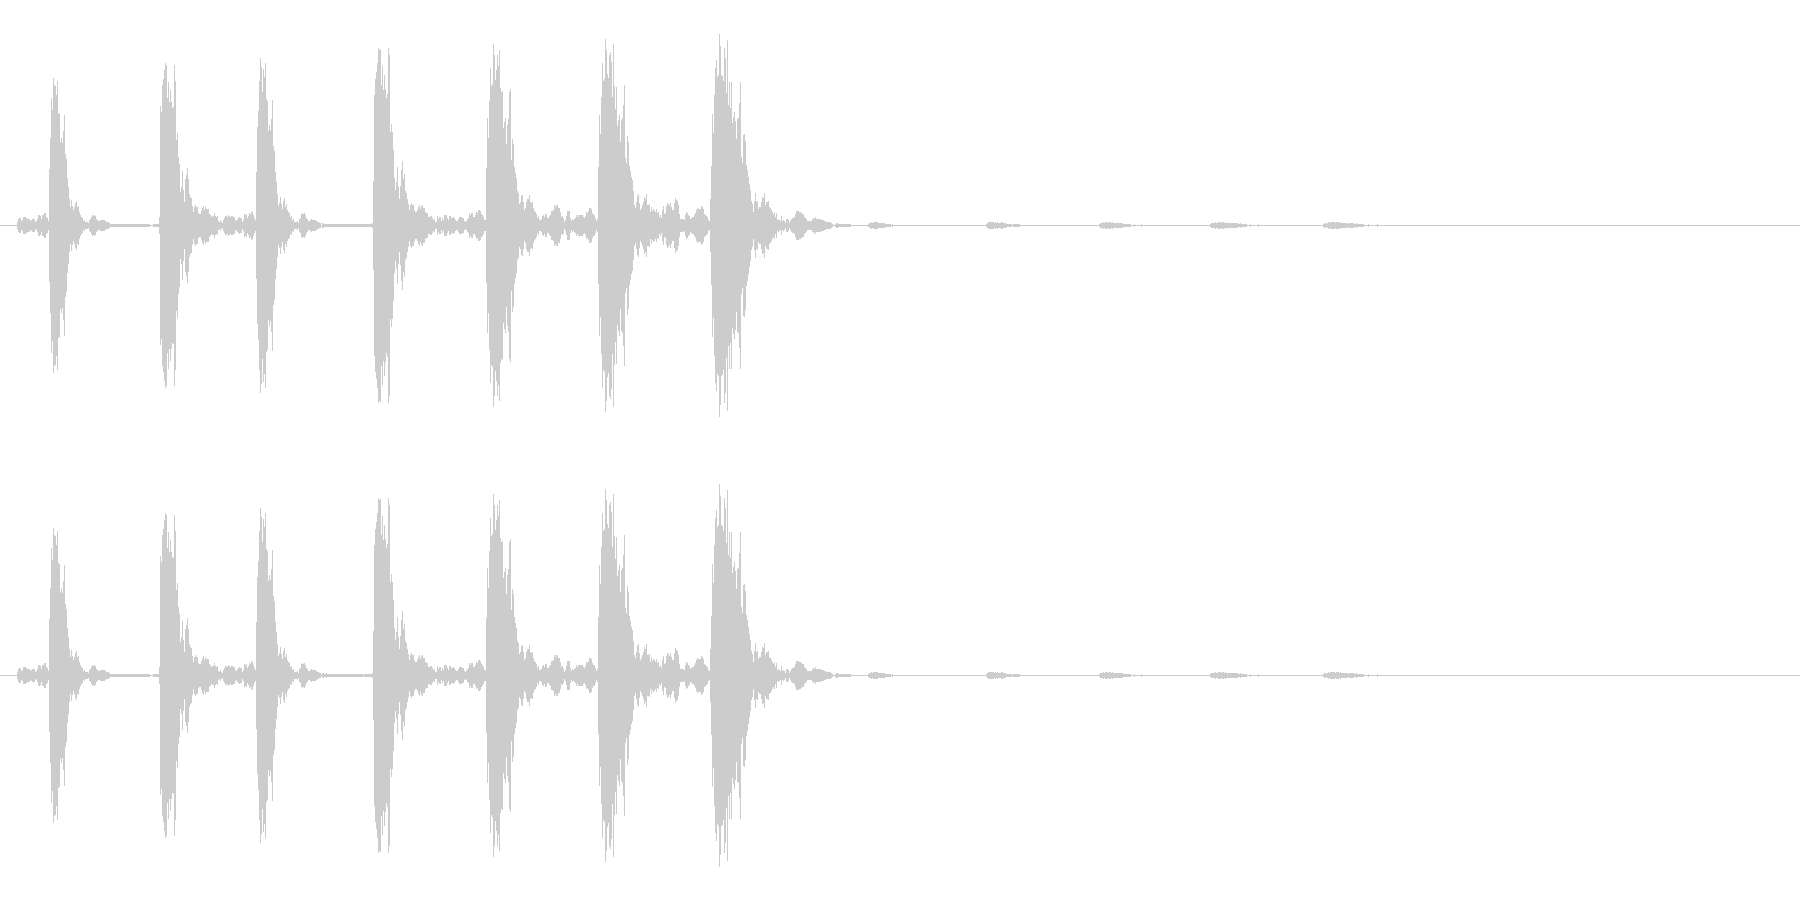 キャンセル、消去のイメージ(キュルルル)の未再生の波形